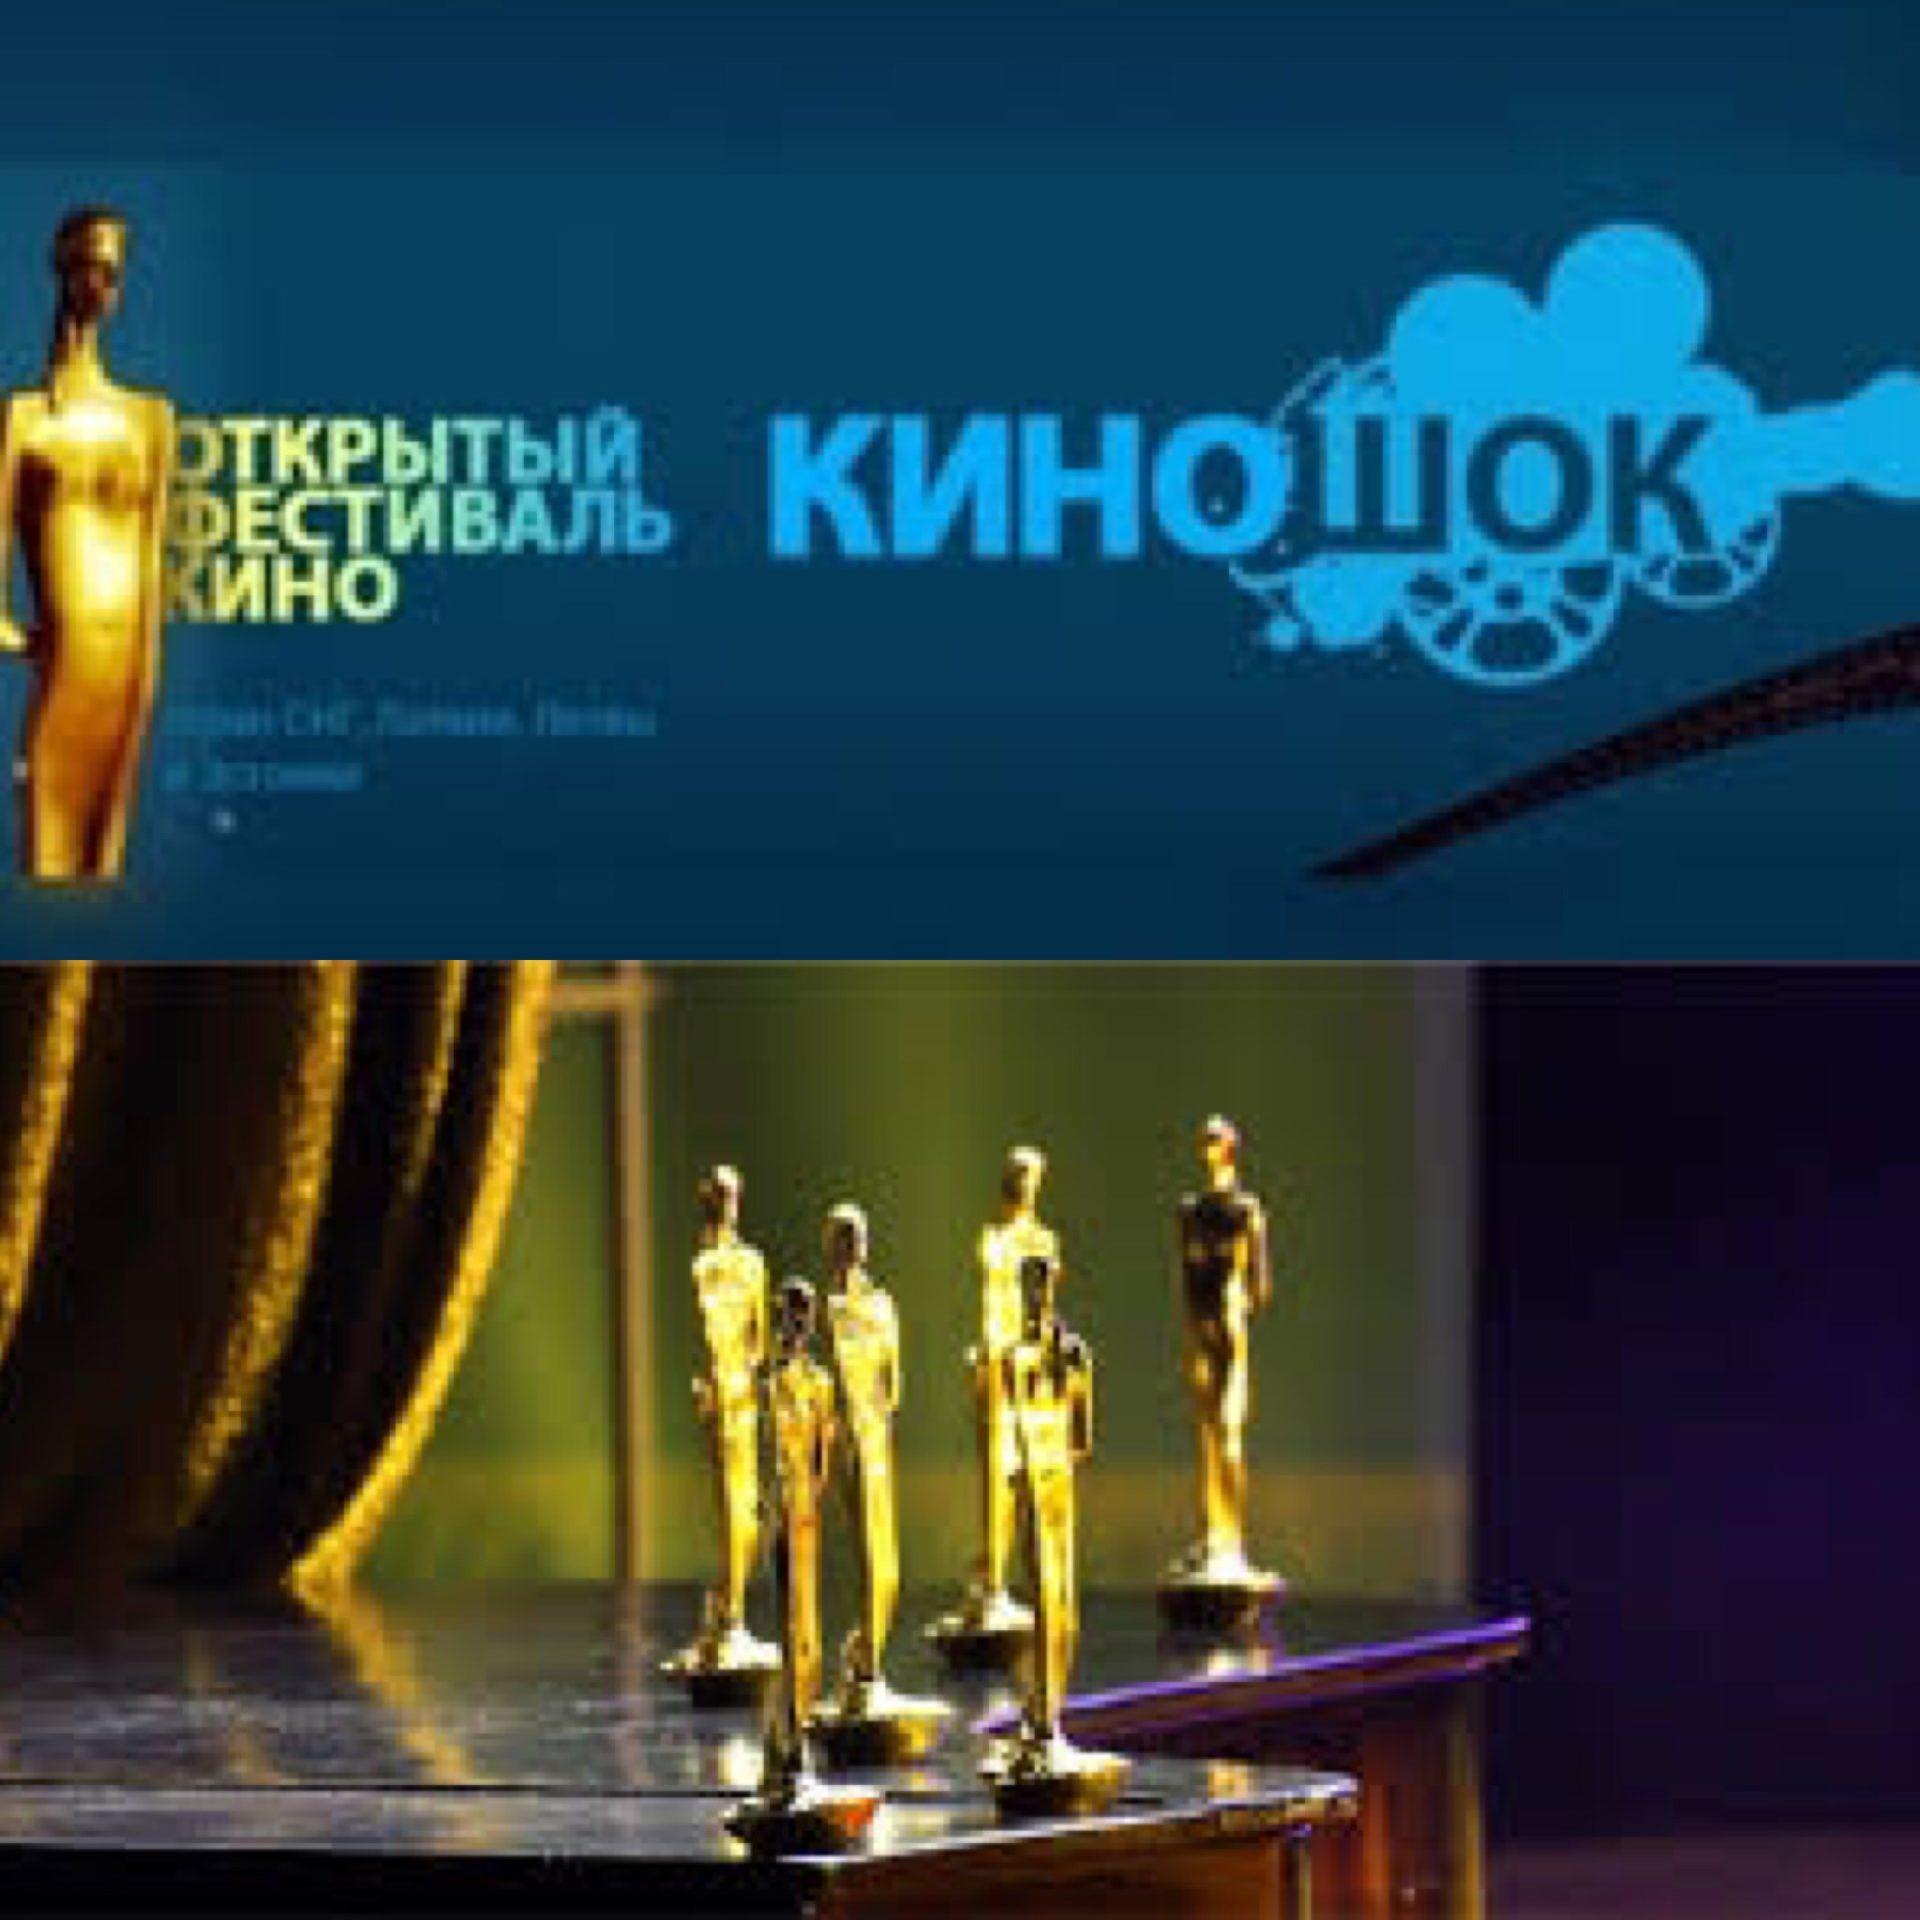 Главный приз фестиваля в Анапе за лучший полнометражный фильм достался якутской мелодраме «Кэрэл».